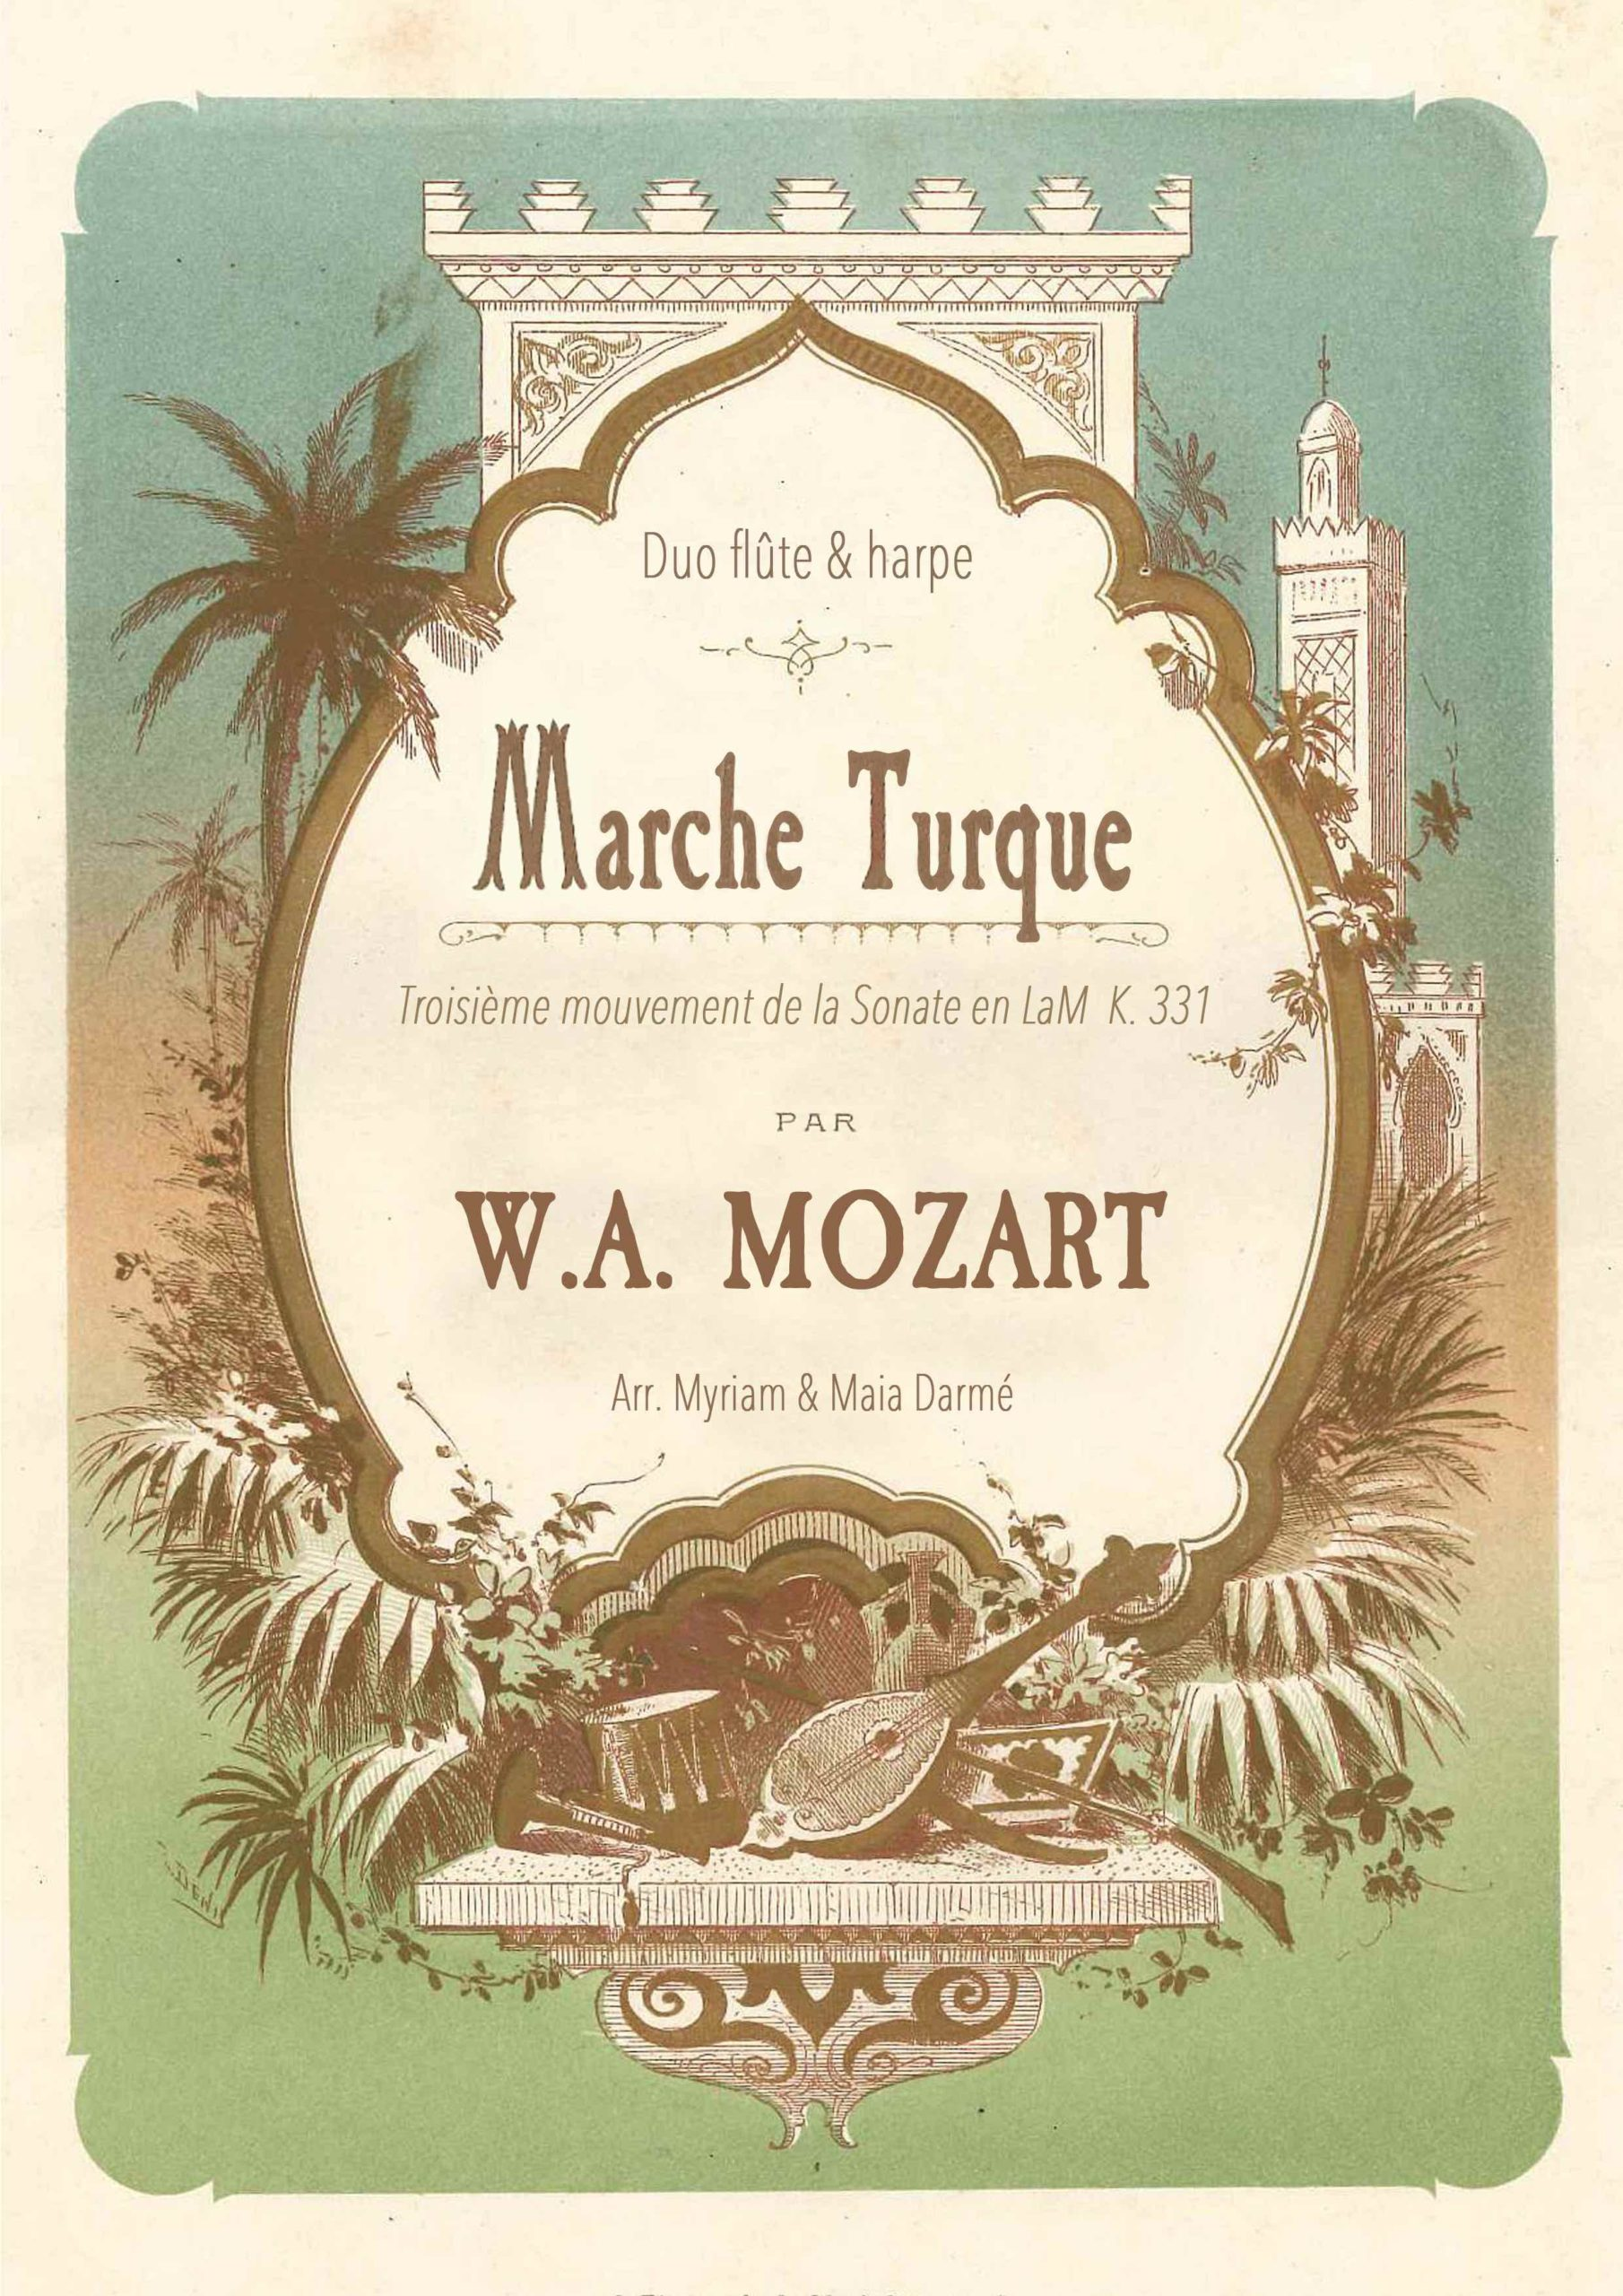 Couverture-Marche-Turque-Mozart-Traversees.jpg